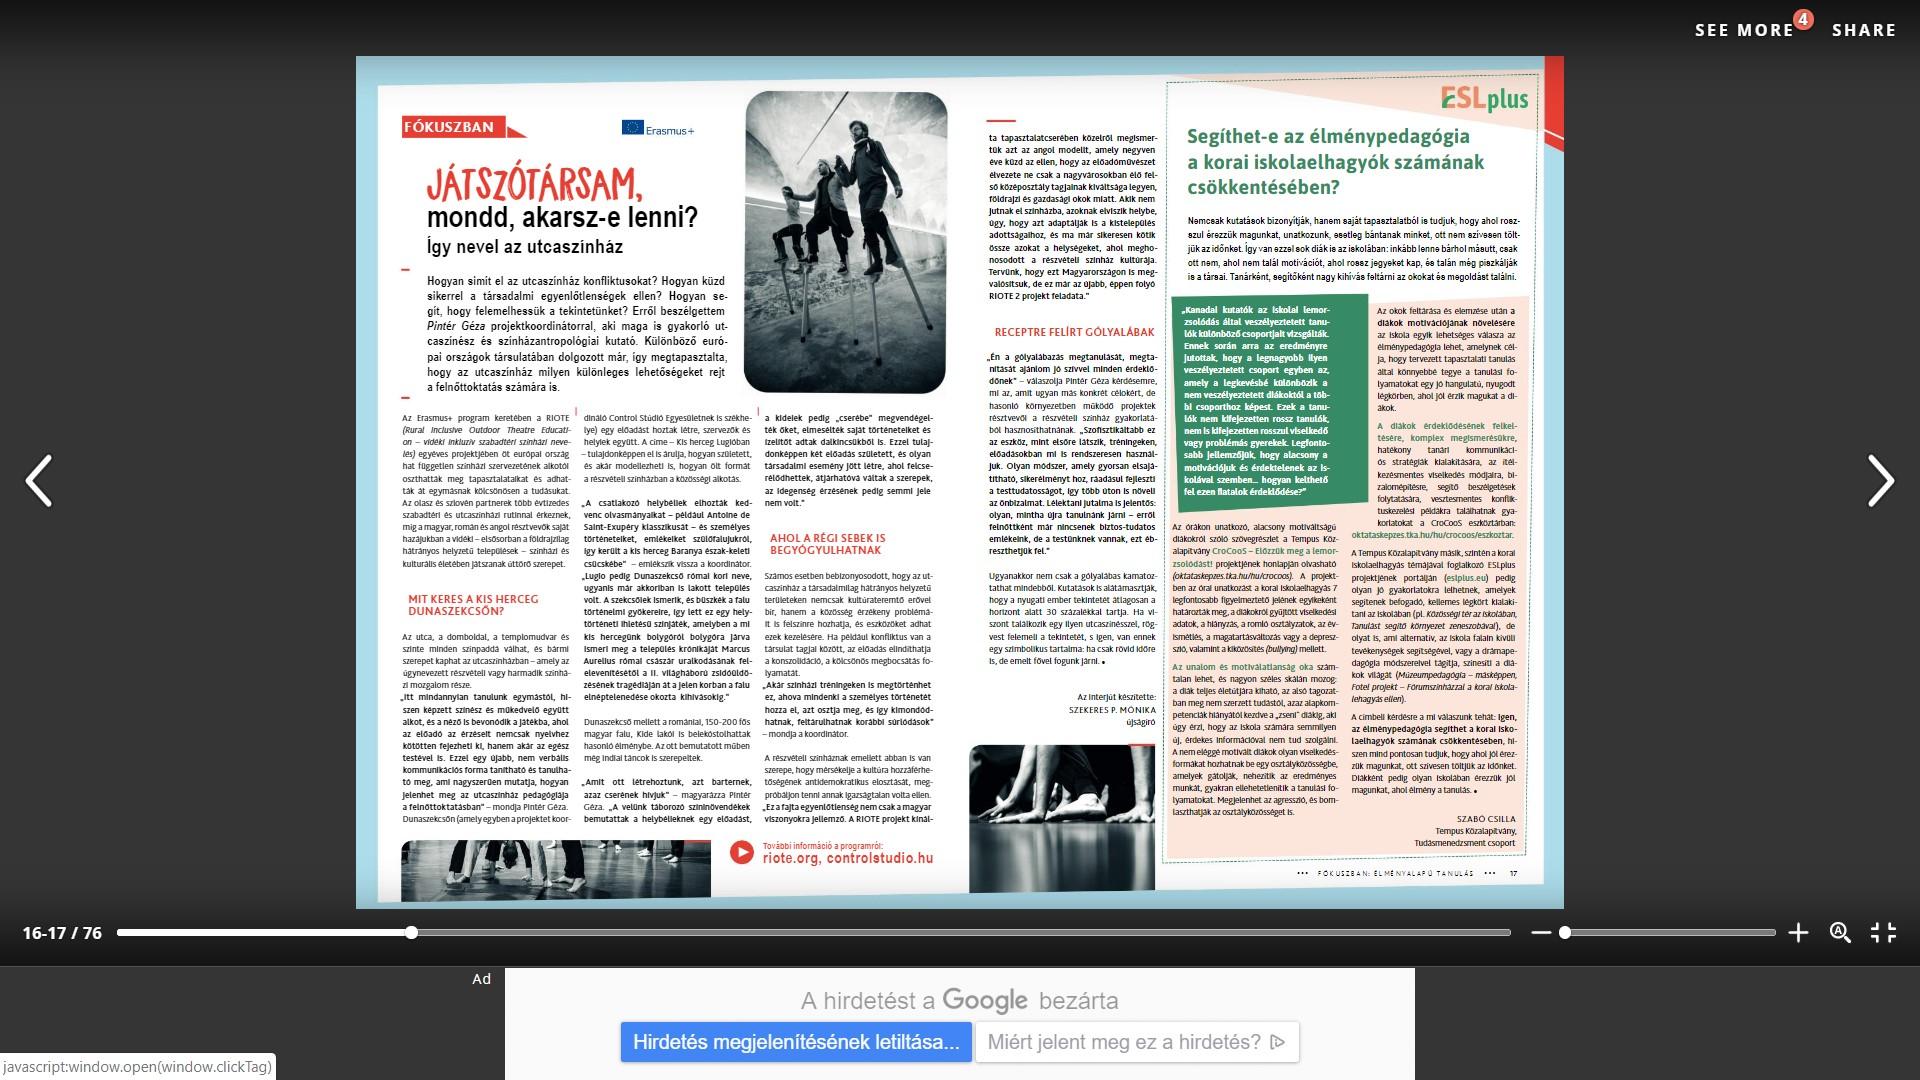 Pályázati Pavilon - 2019 tavaszi szám by TKA Könyvtár - issuu.html